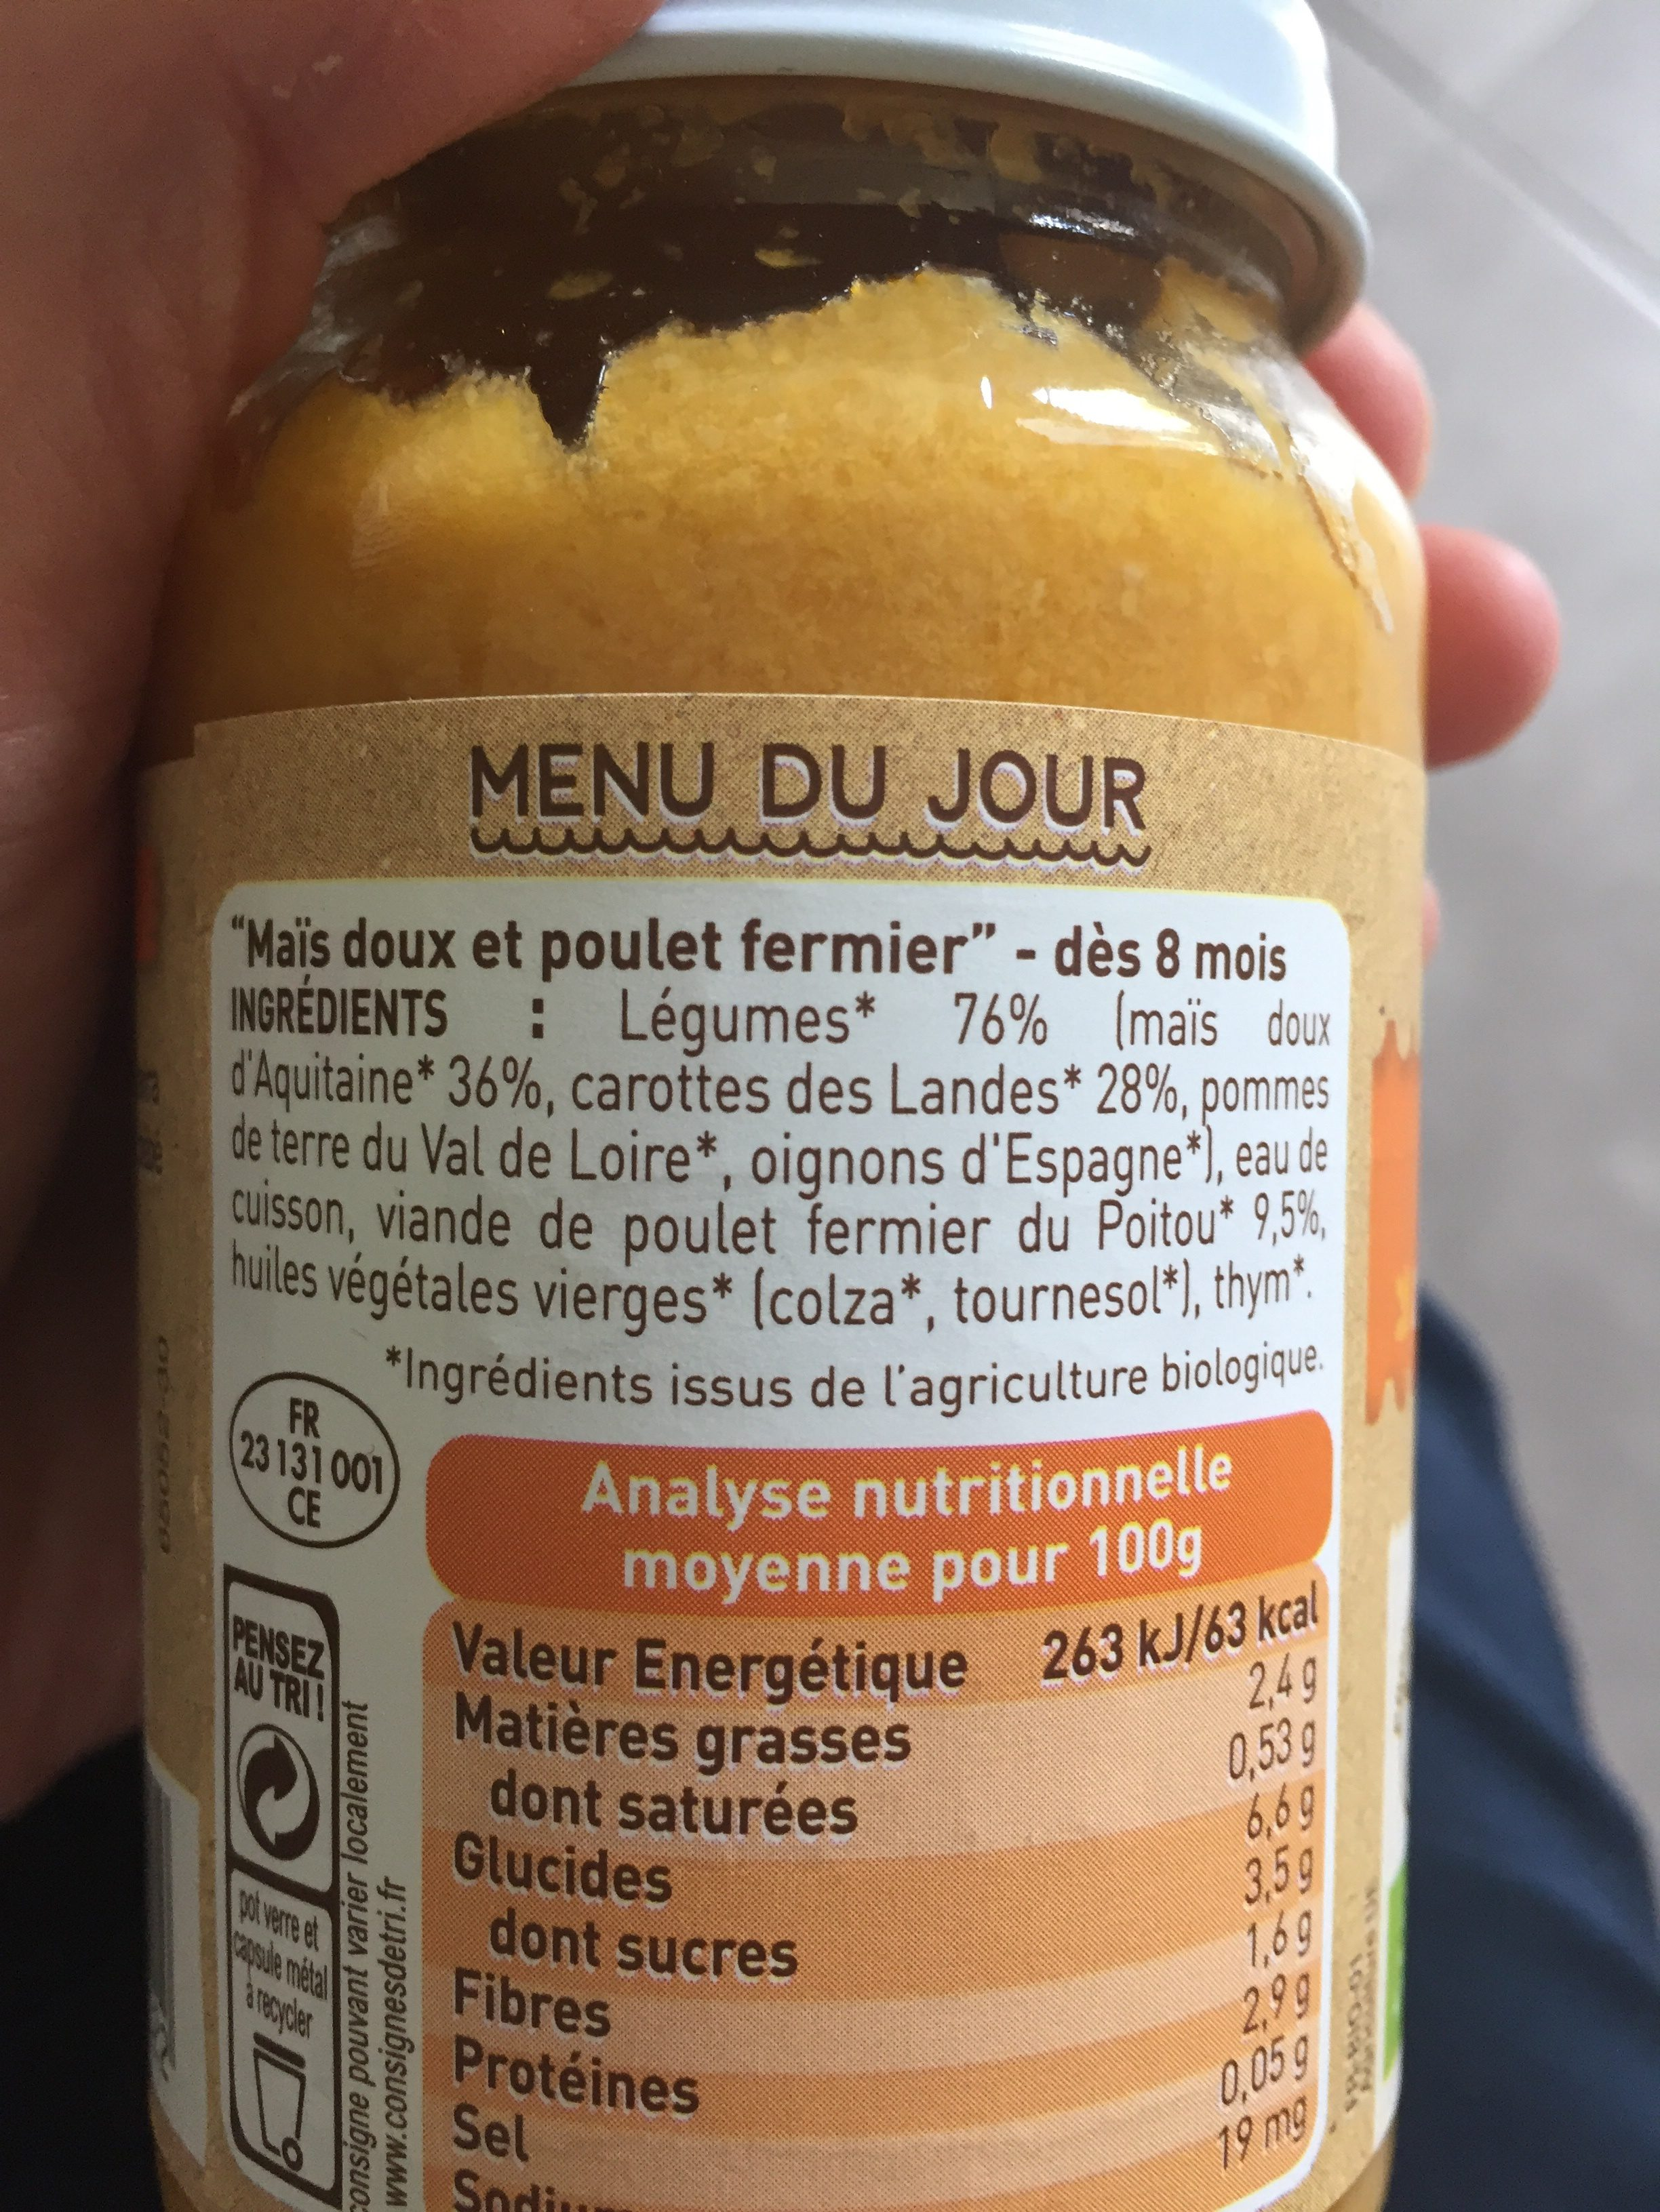 Maïs doux Poulet fermier - Ingredients